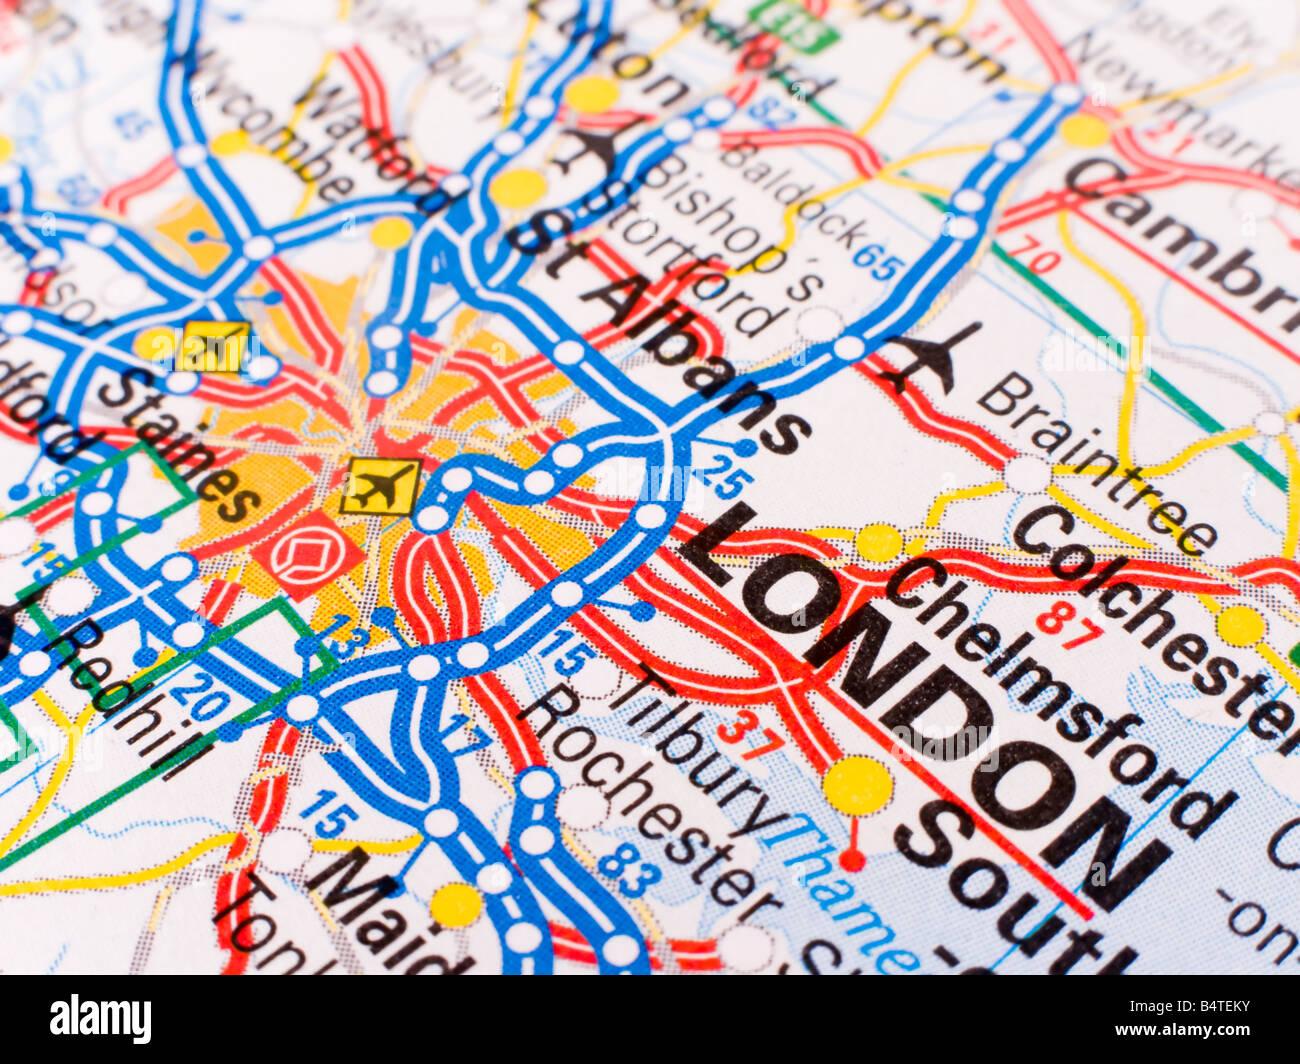 Cartina Geografica Londra E Dintorni.Mappa Stradale Di Londra Immagini Mappa Stradale Di Londra Fotos